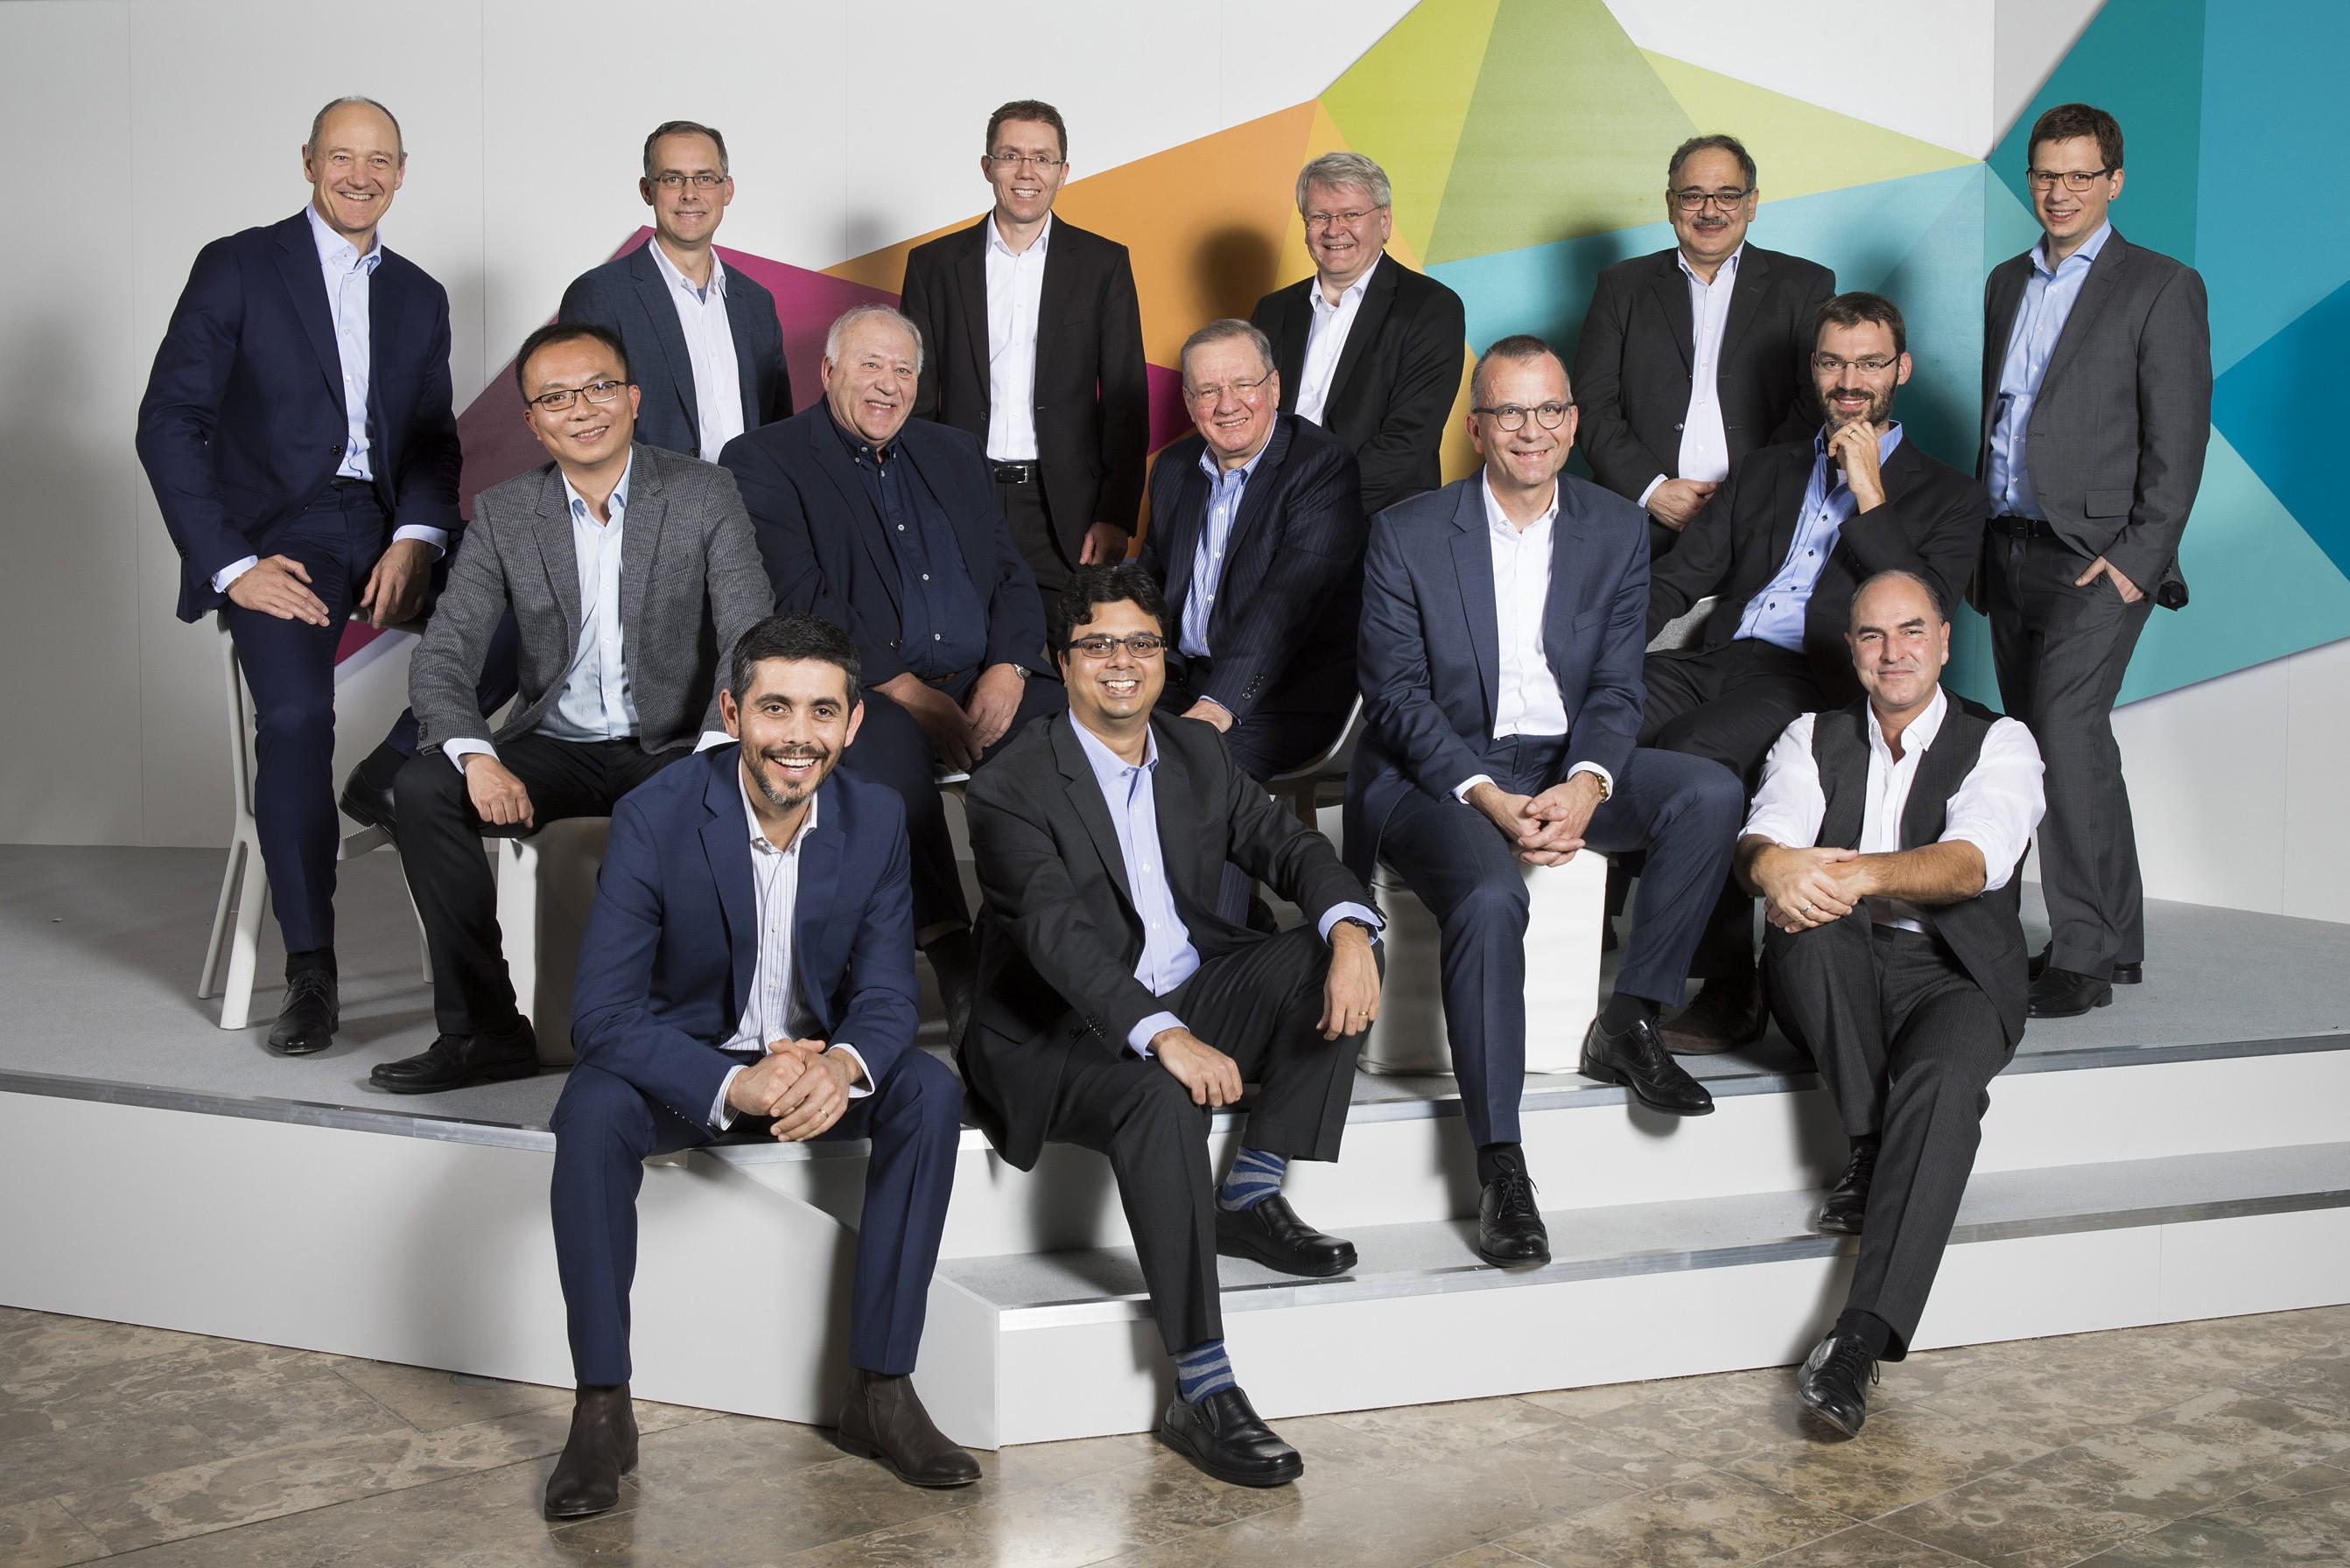 """, Gruppenfoto """"Inventors of the Year"""" und Fotoreportage eines Events für die SIEMENS AG"""